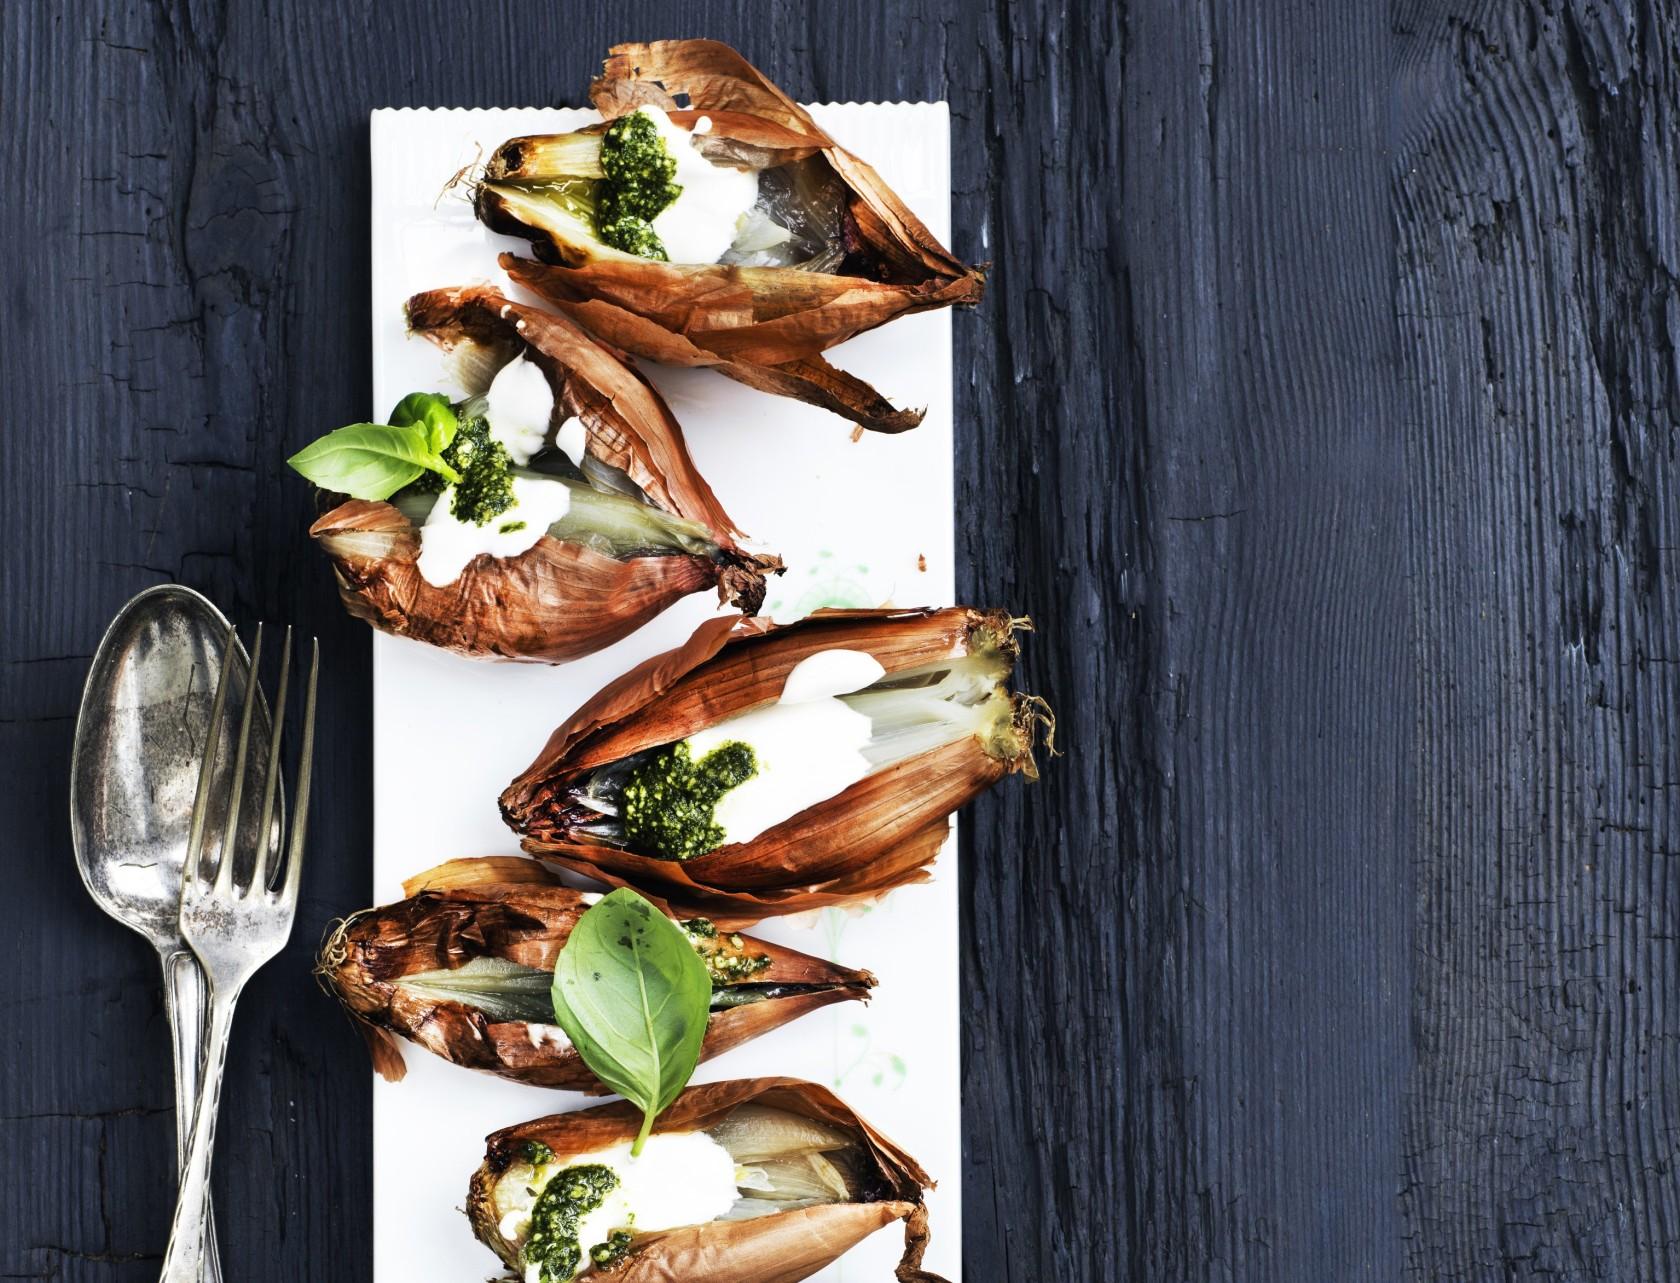 Fantastisk forret - saltgrillede løg med syrnet fløde og pesto